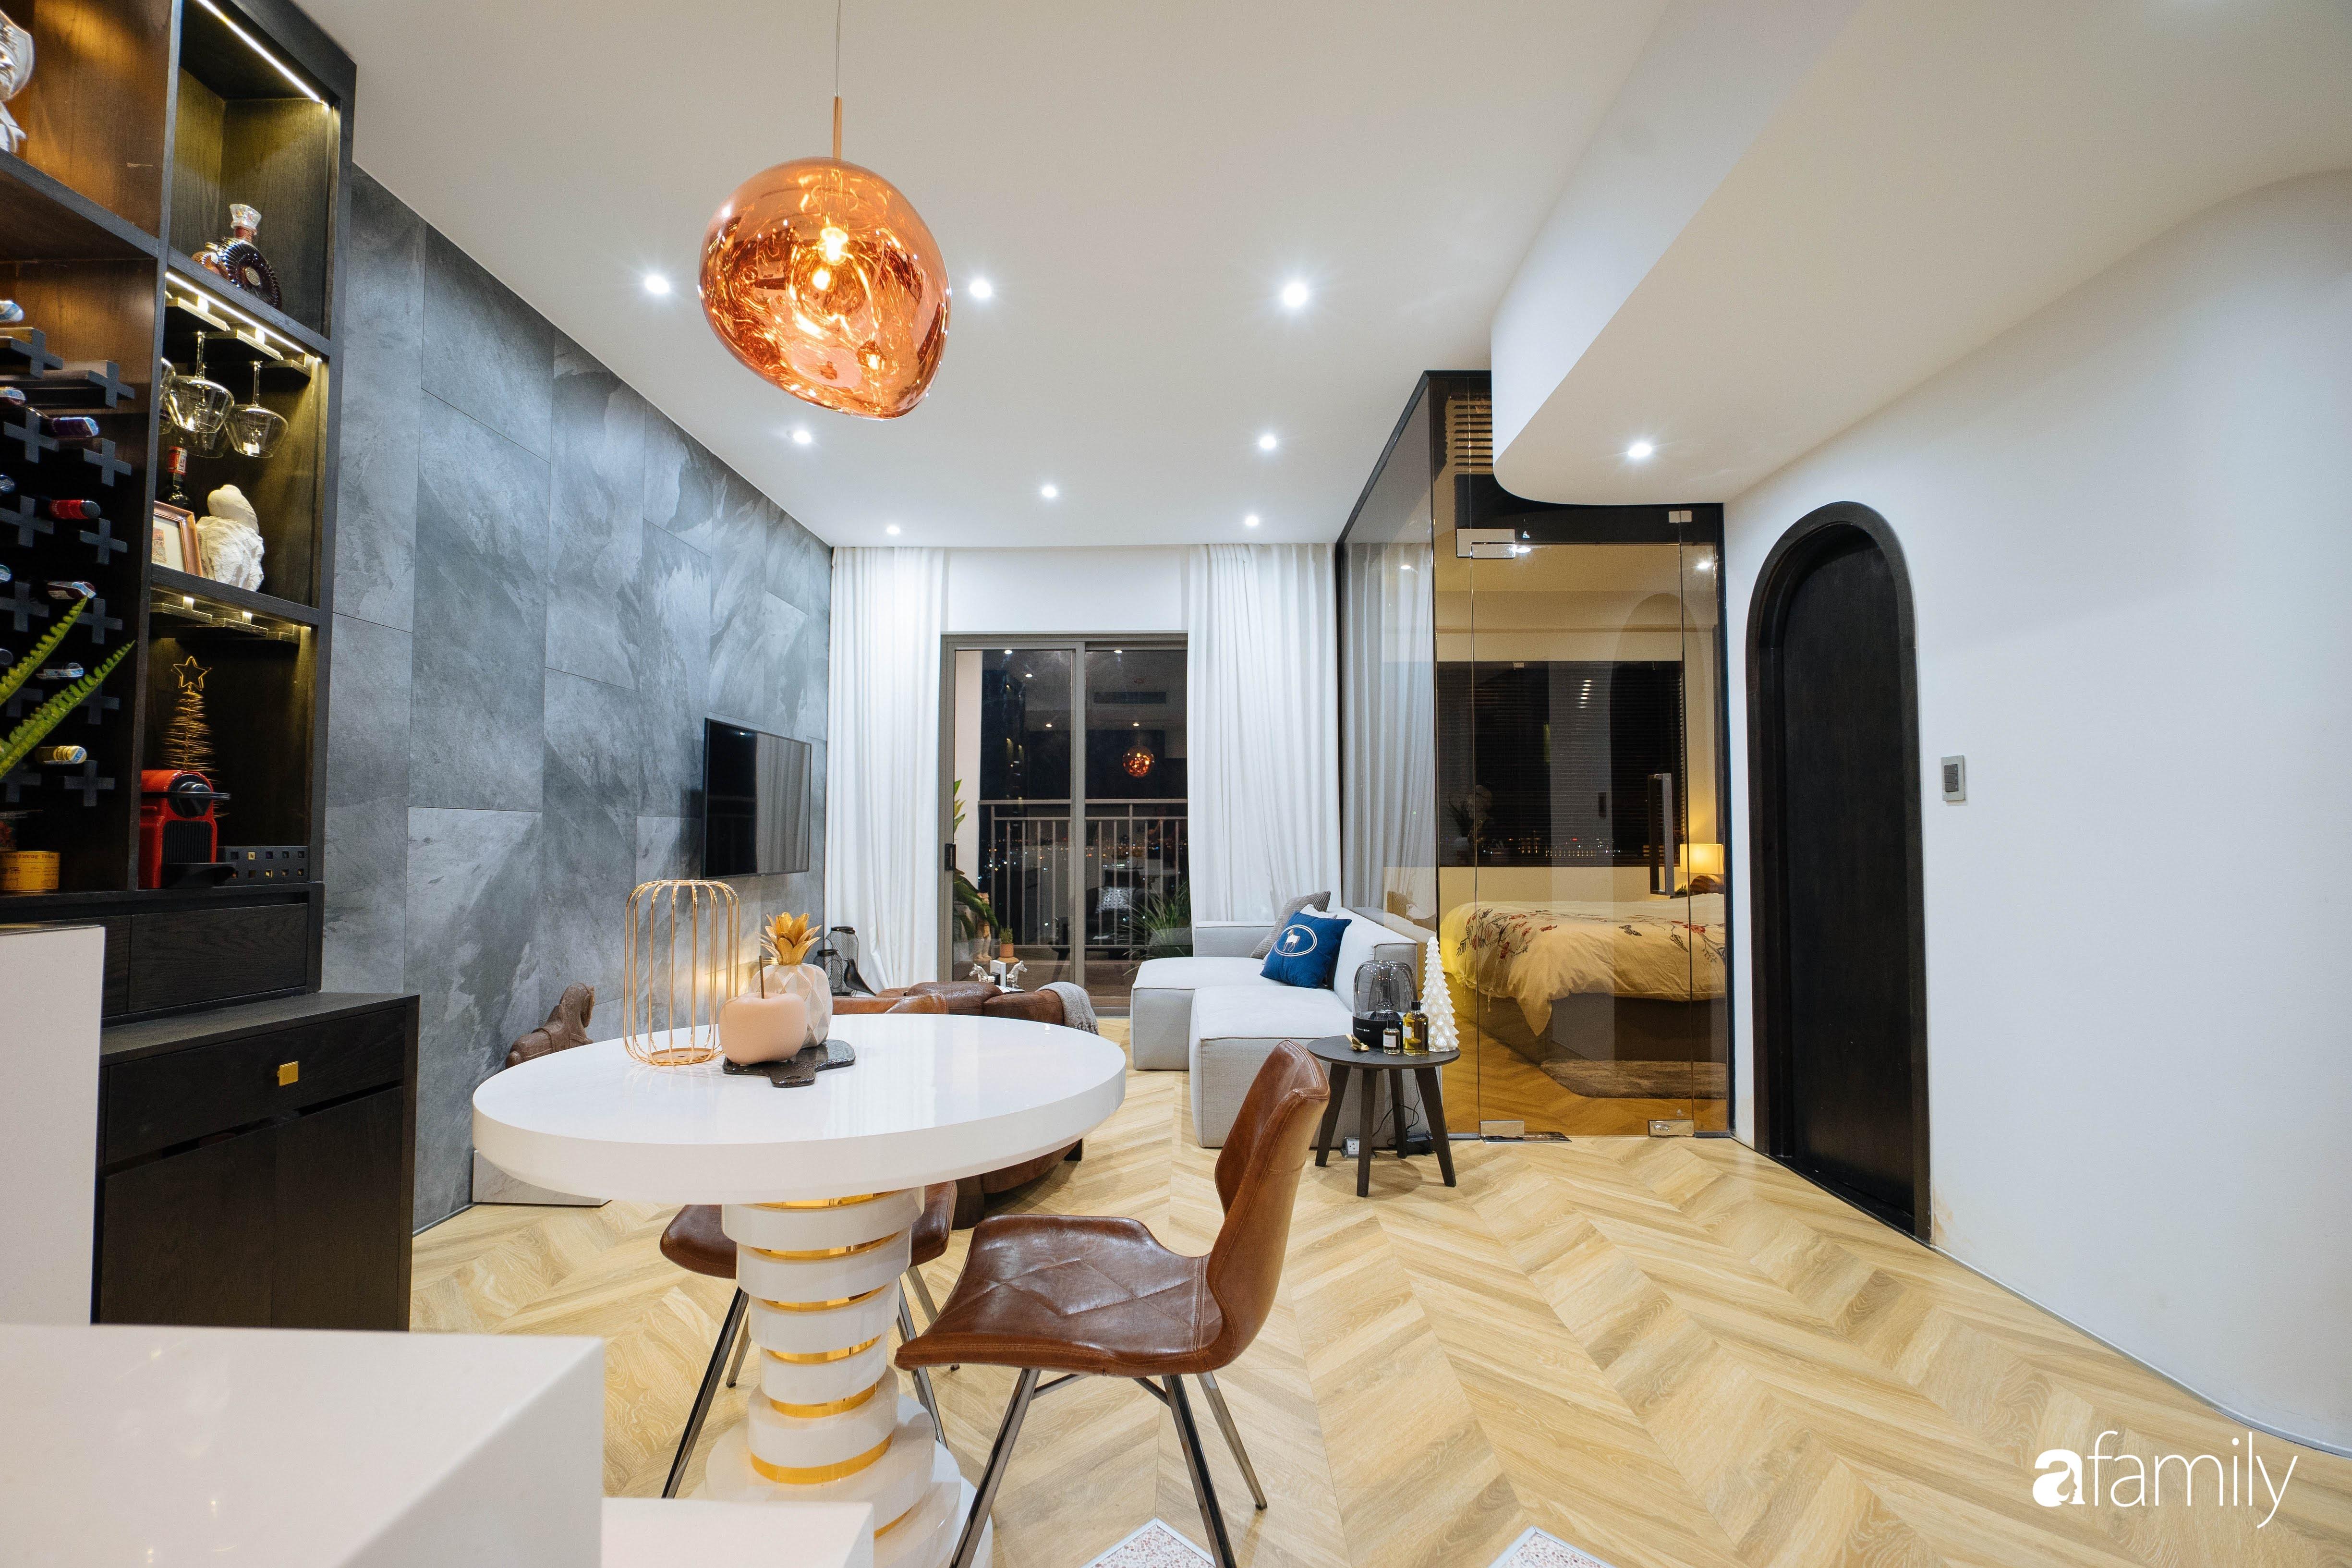 """Quyết tự tay thiết kế, trang trí căn hộ 67m²,  cho riêng mình, chàng trai Sài Gòn nhận lại sự """"trầm trồ"""" của cư dân mạng vì chi tiết này - Ảnh 1."""